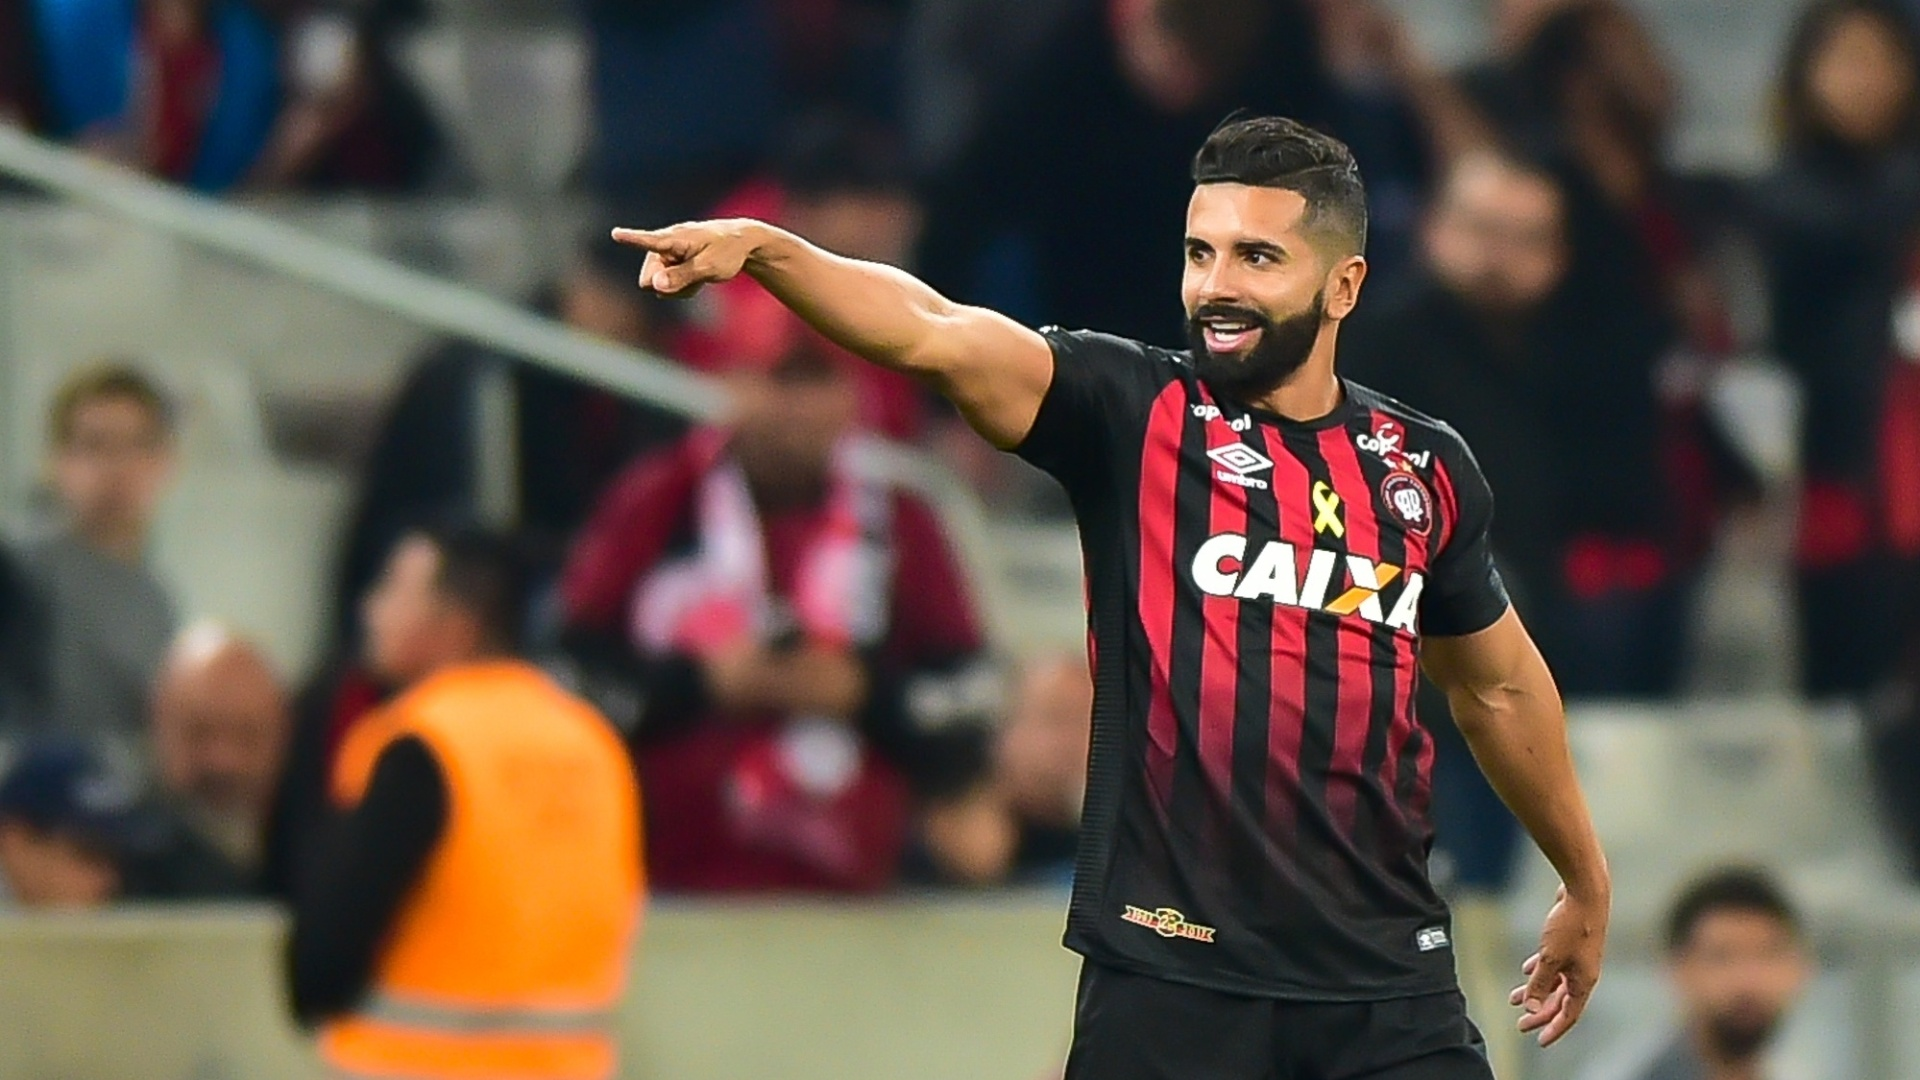 Guilherme comemora gol do Atlético-PR contra o Santos pelo Campeonato Brasileiro